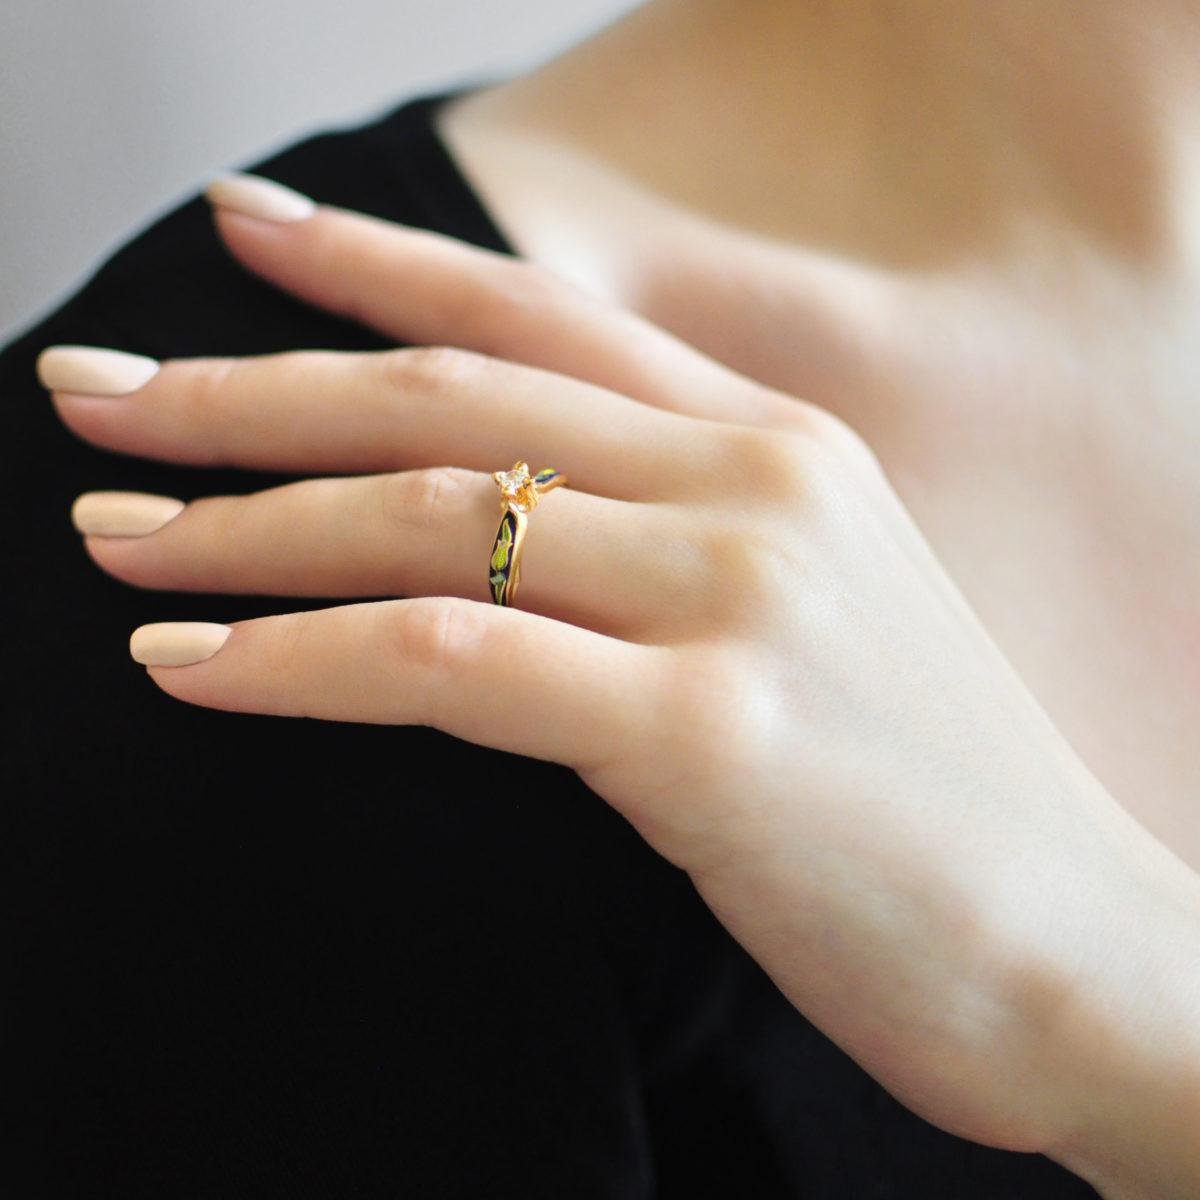 Zolochenie sinyaya 18 1200x1200 - Перстень серебряный «Примавера» (золочение), синее с фианитами